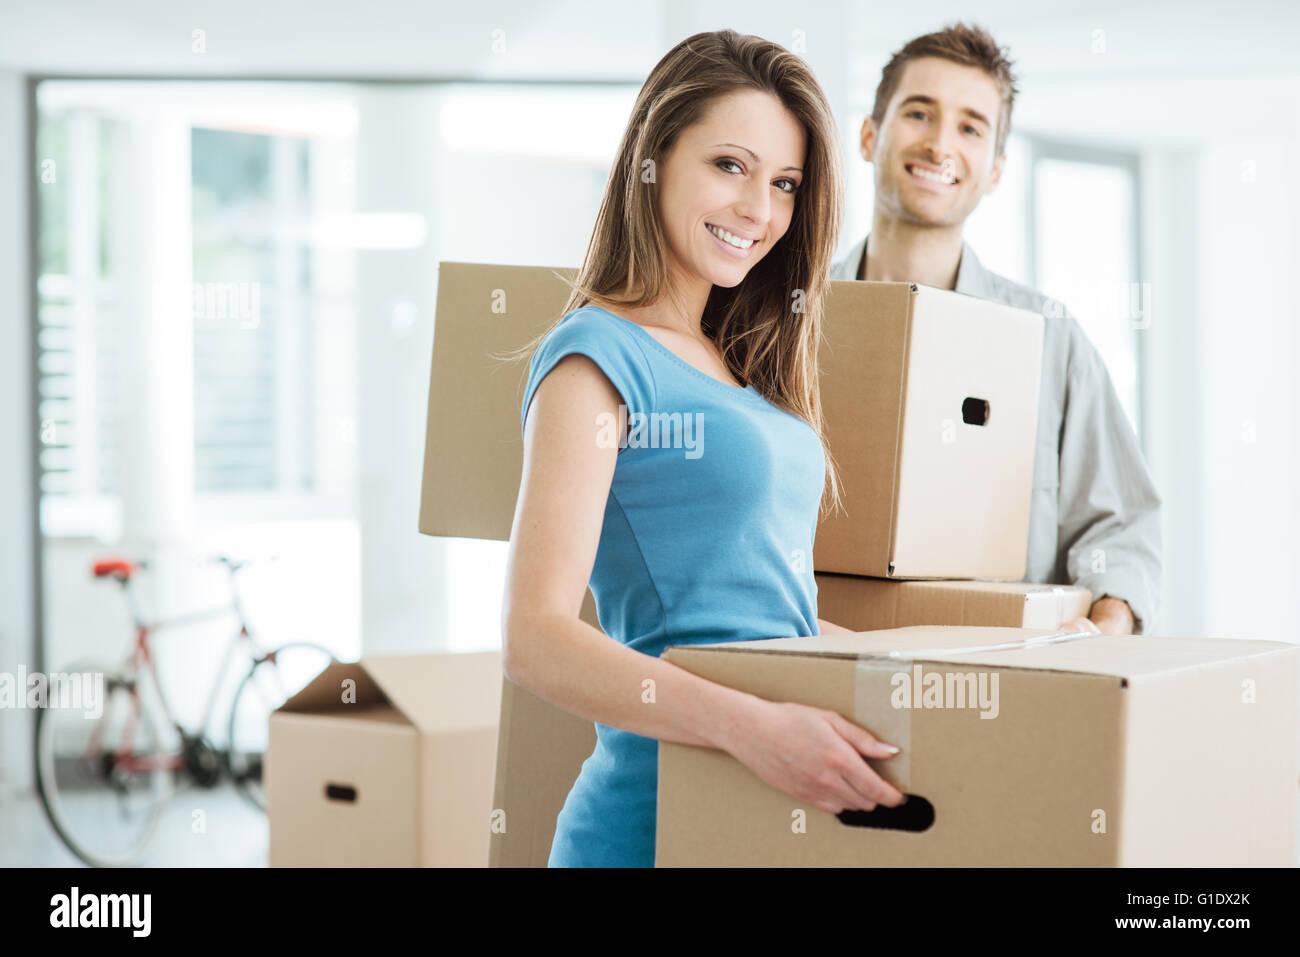 Umzug in ein neues Haus und tragen Kartons, Umzug und Renovierung Konzept lächelnden Brautpaar Stockbild